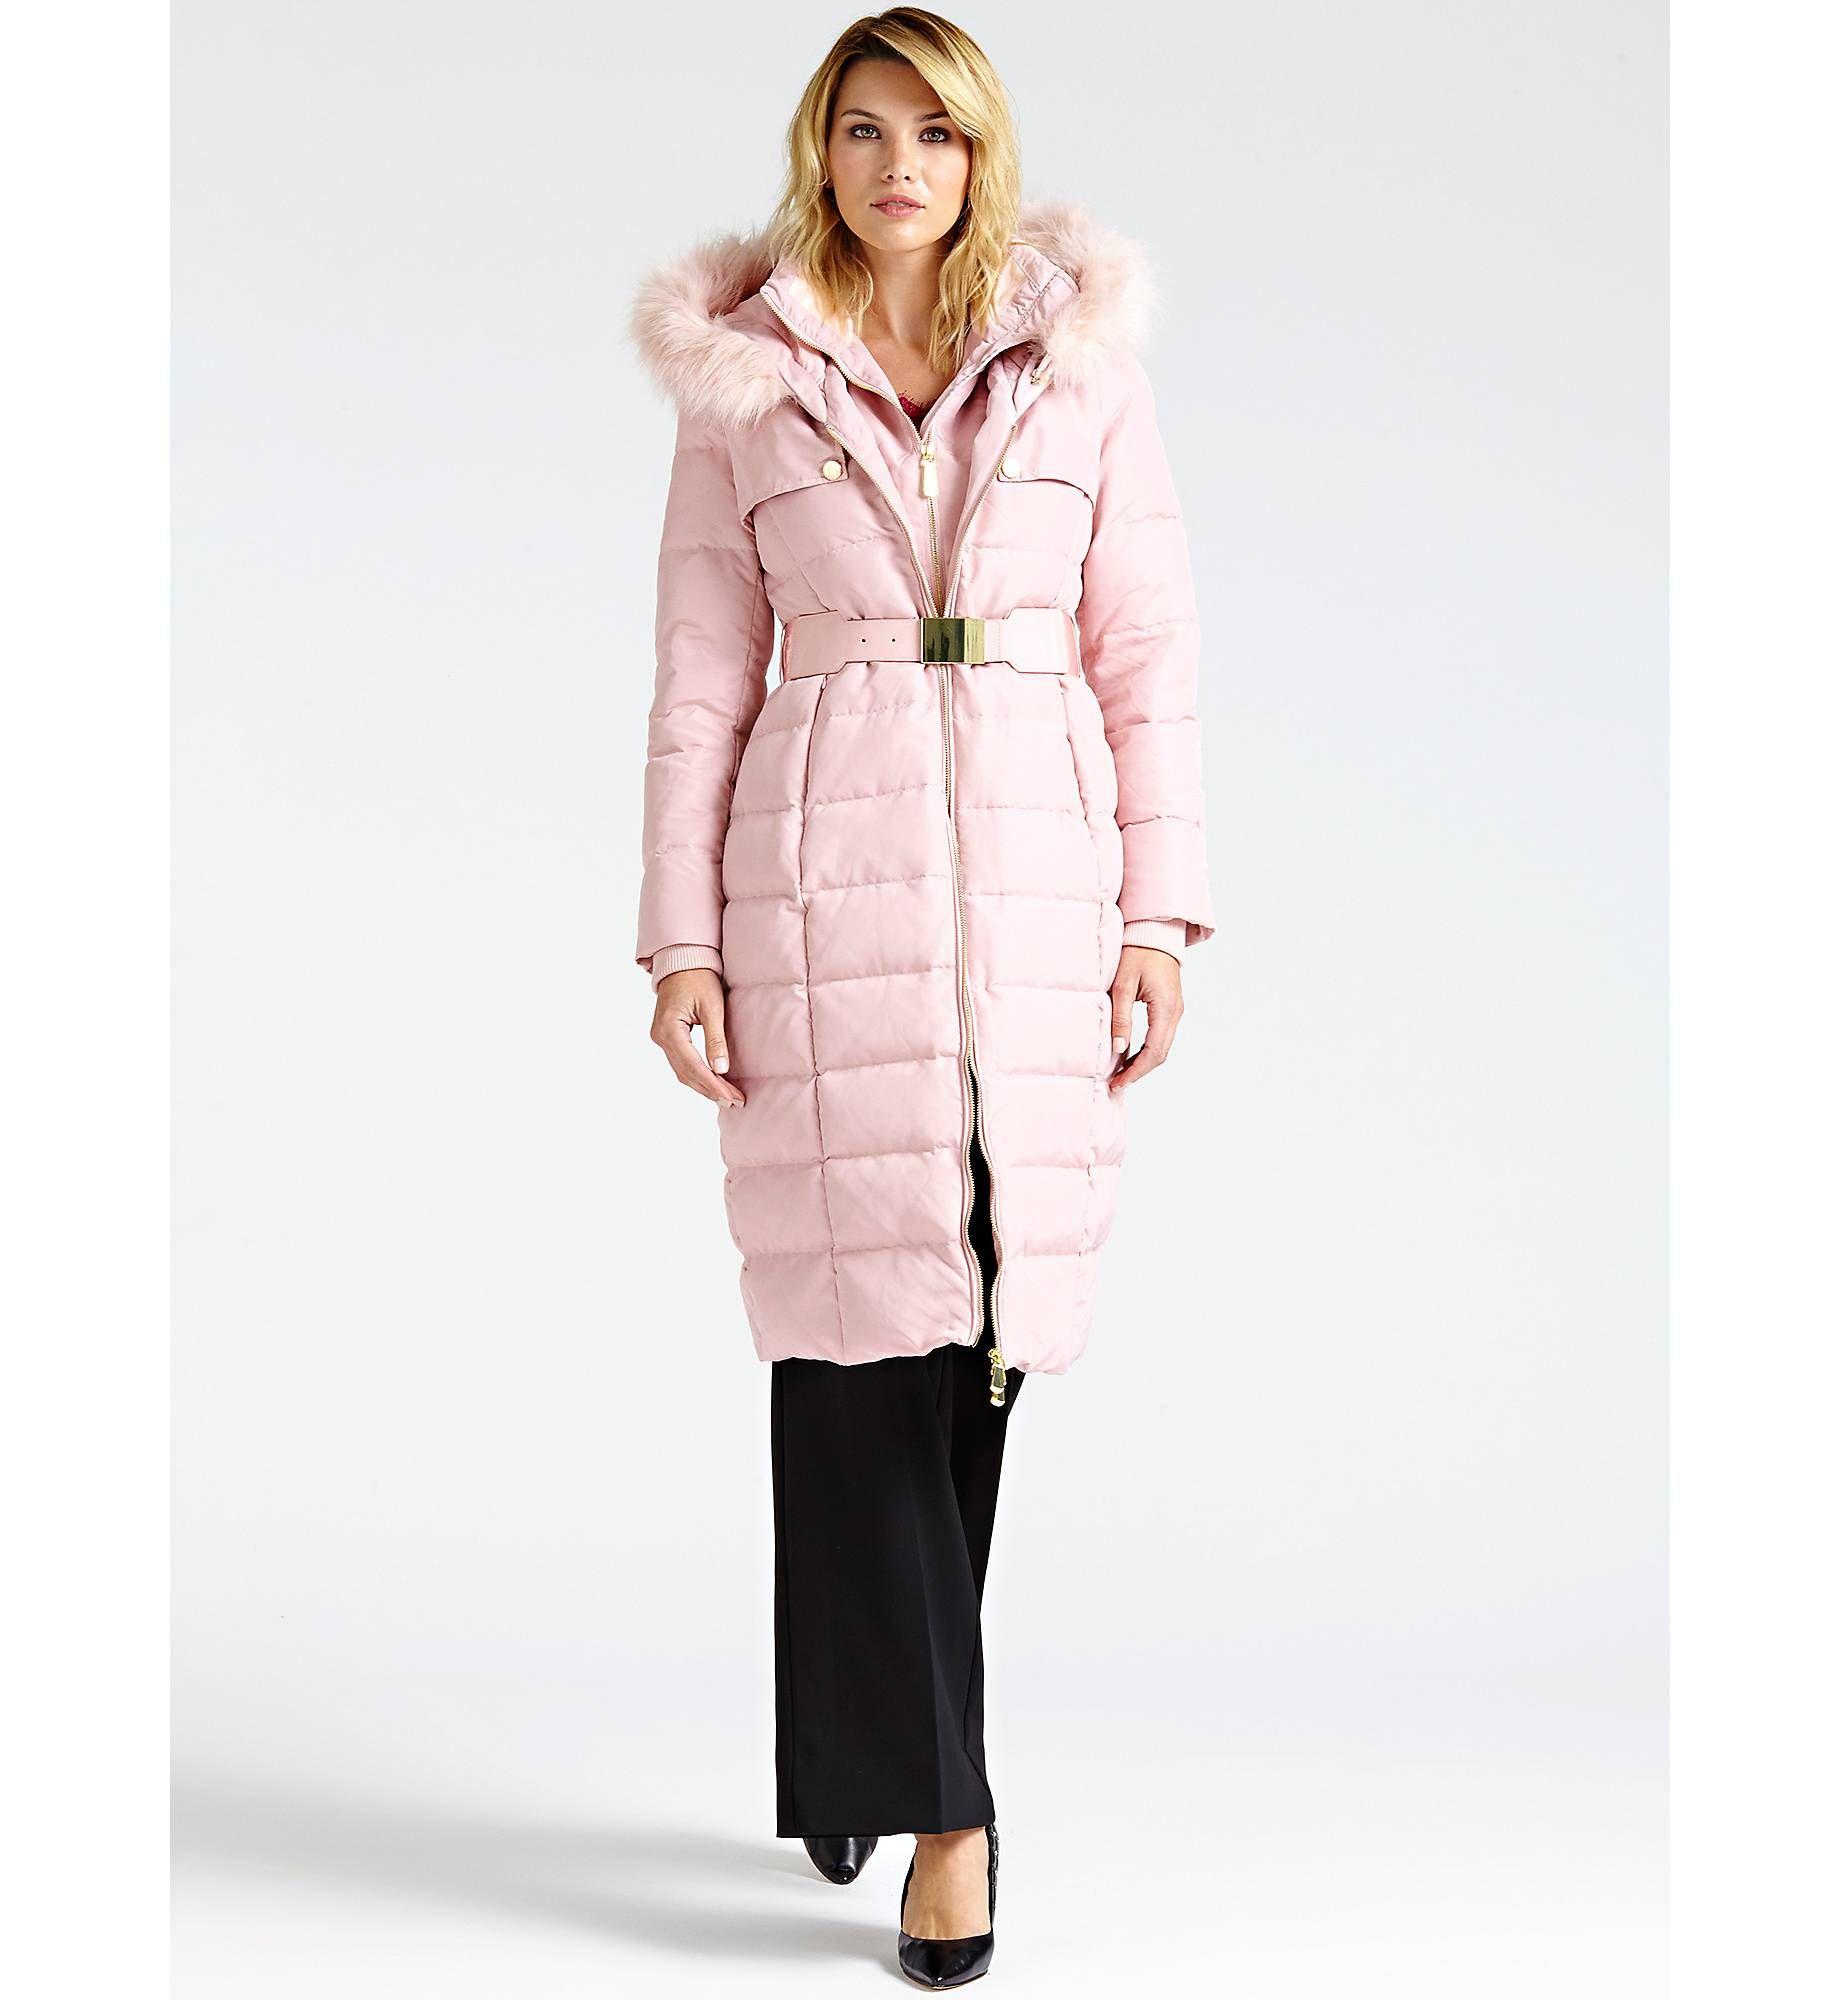 lowest price 808ae 04843 PIUMINO LUNGO PELLICCIA SINTETICA | GUESS.eu | Coat ...